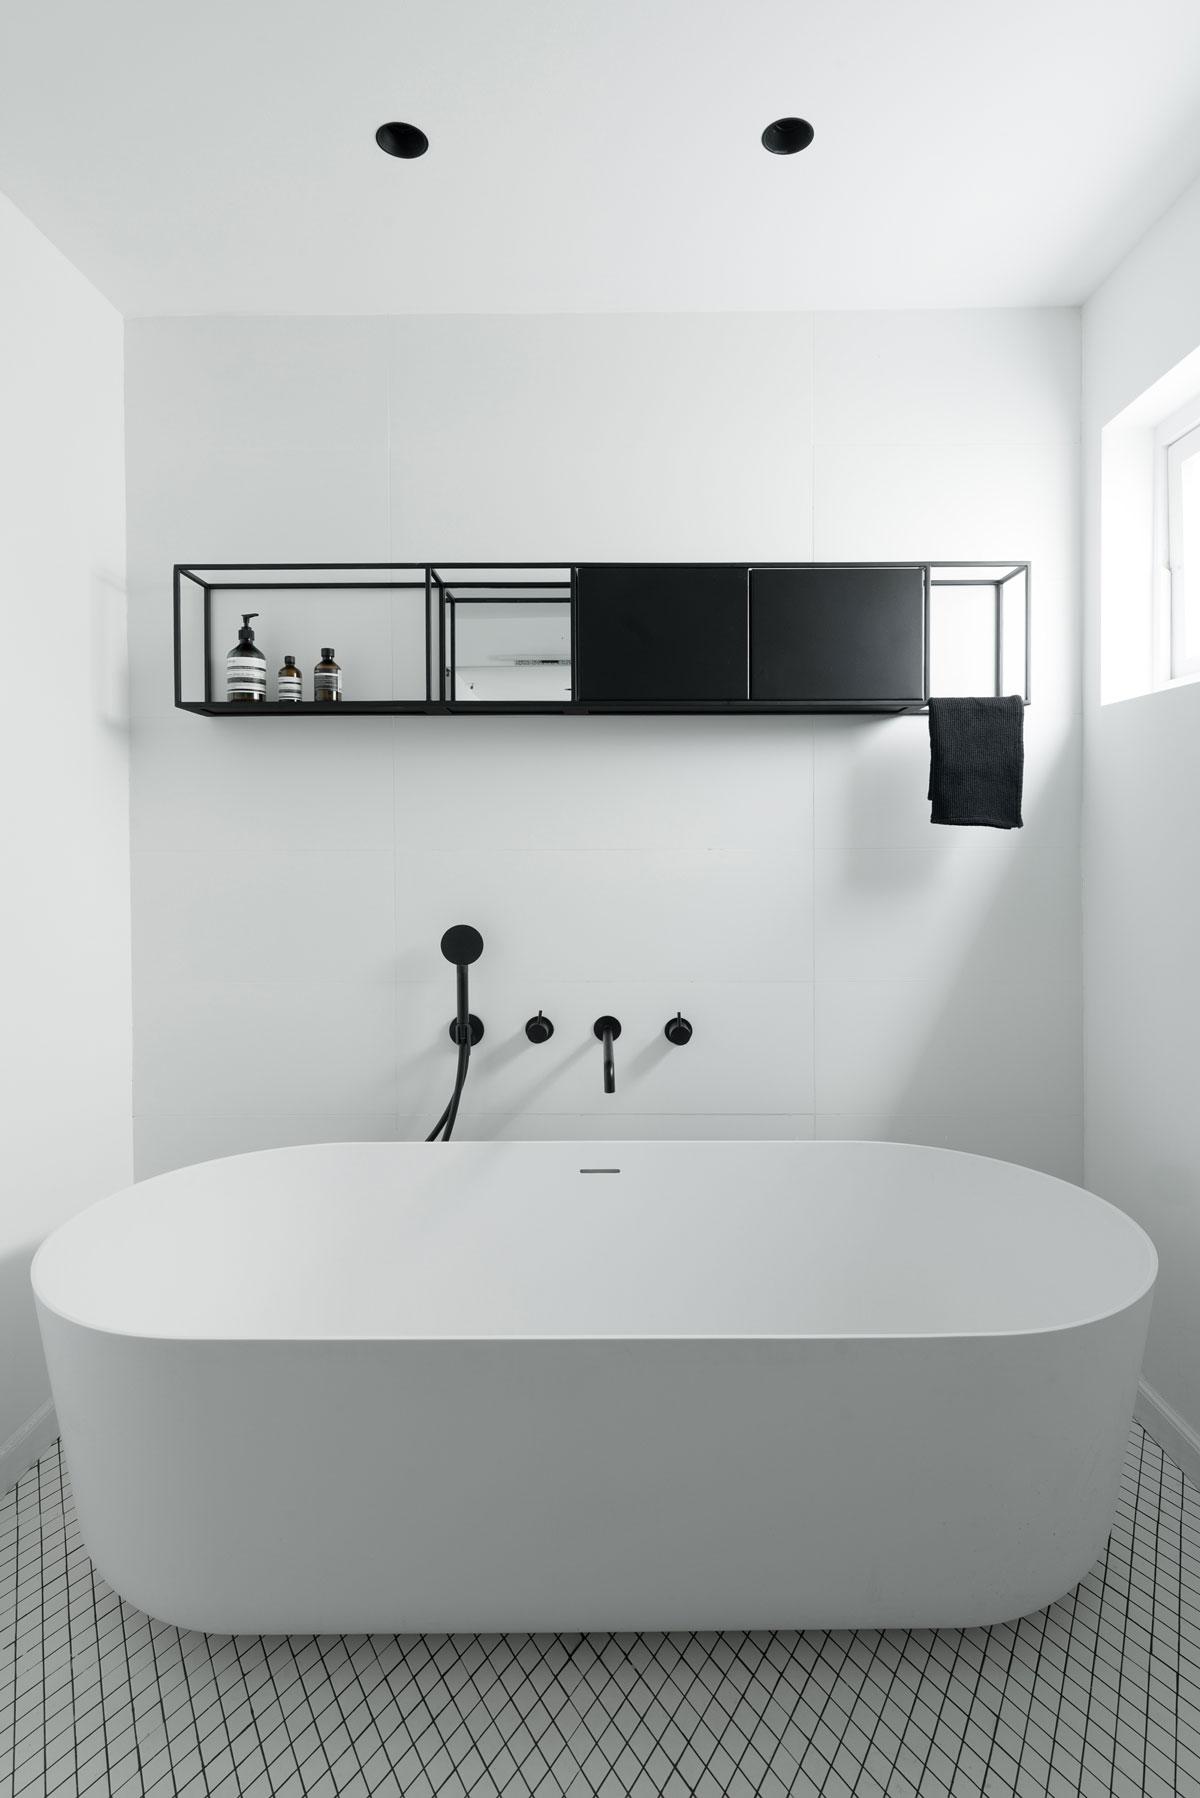 עיצוב מדפים מברזל למקלחת ומתלה מגבות